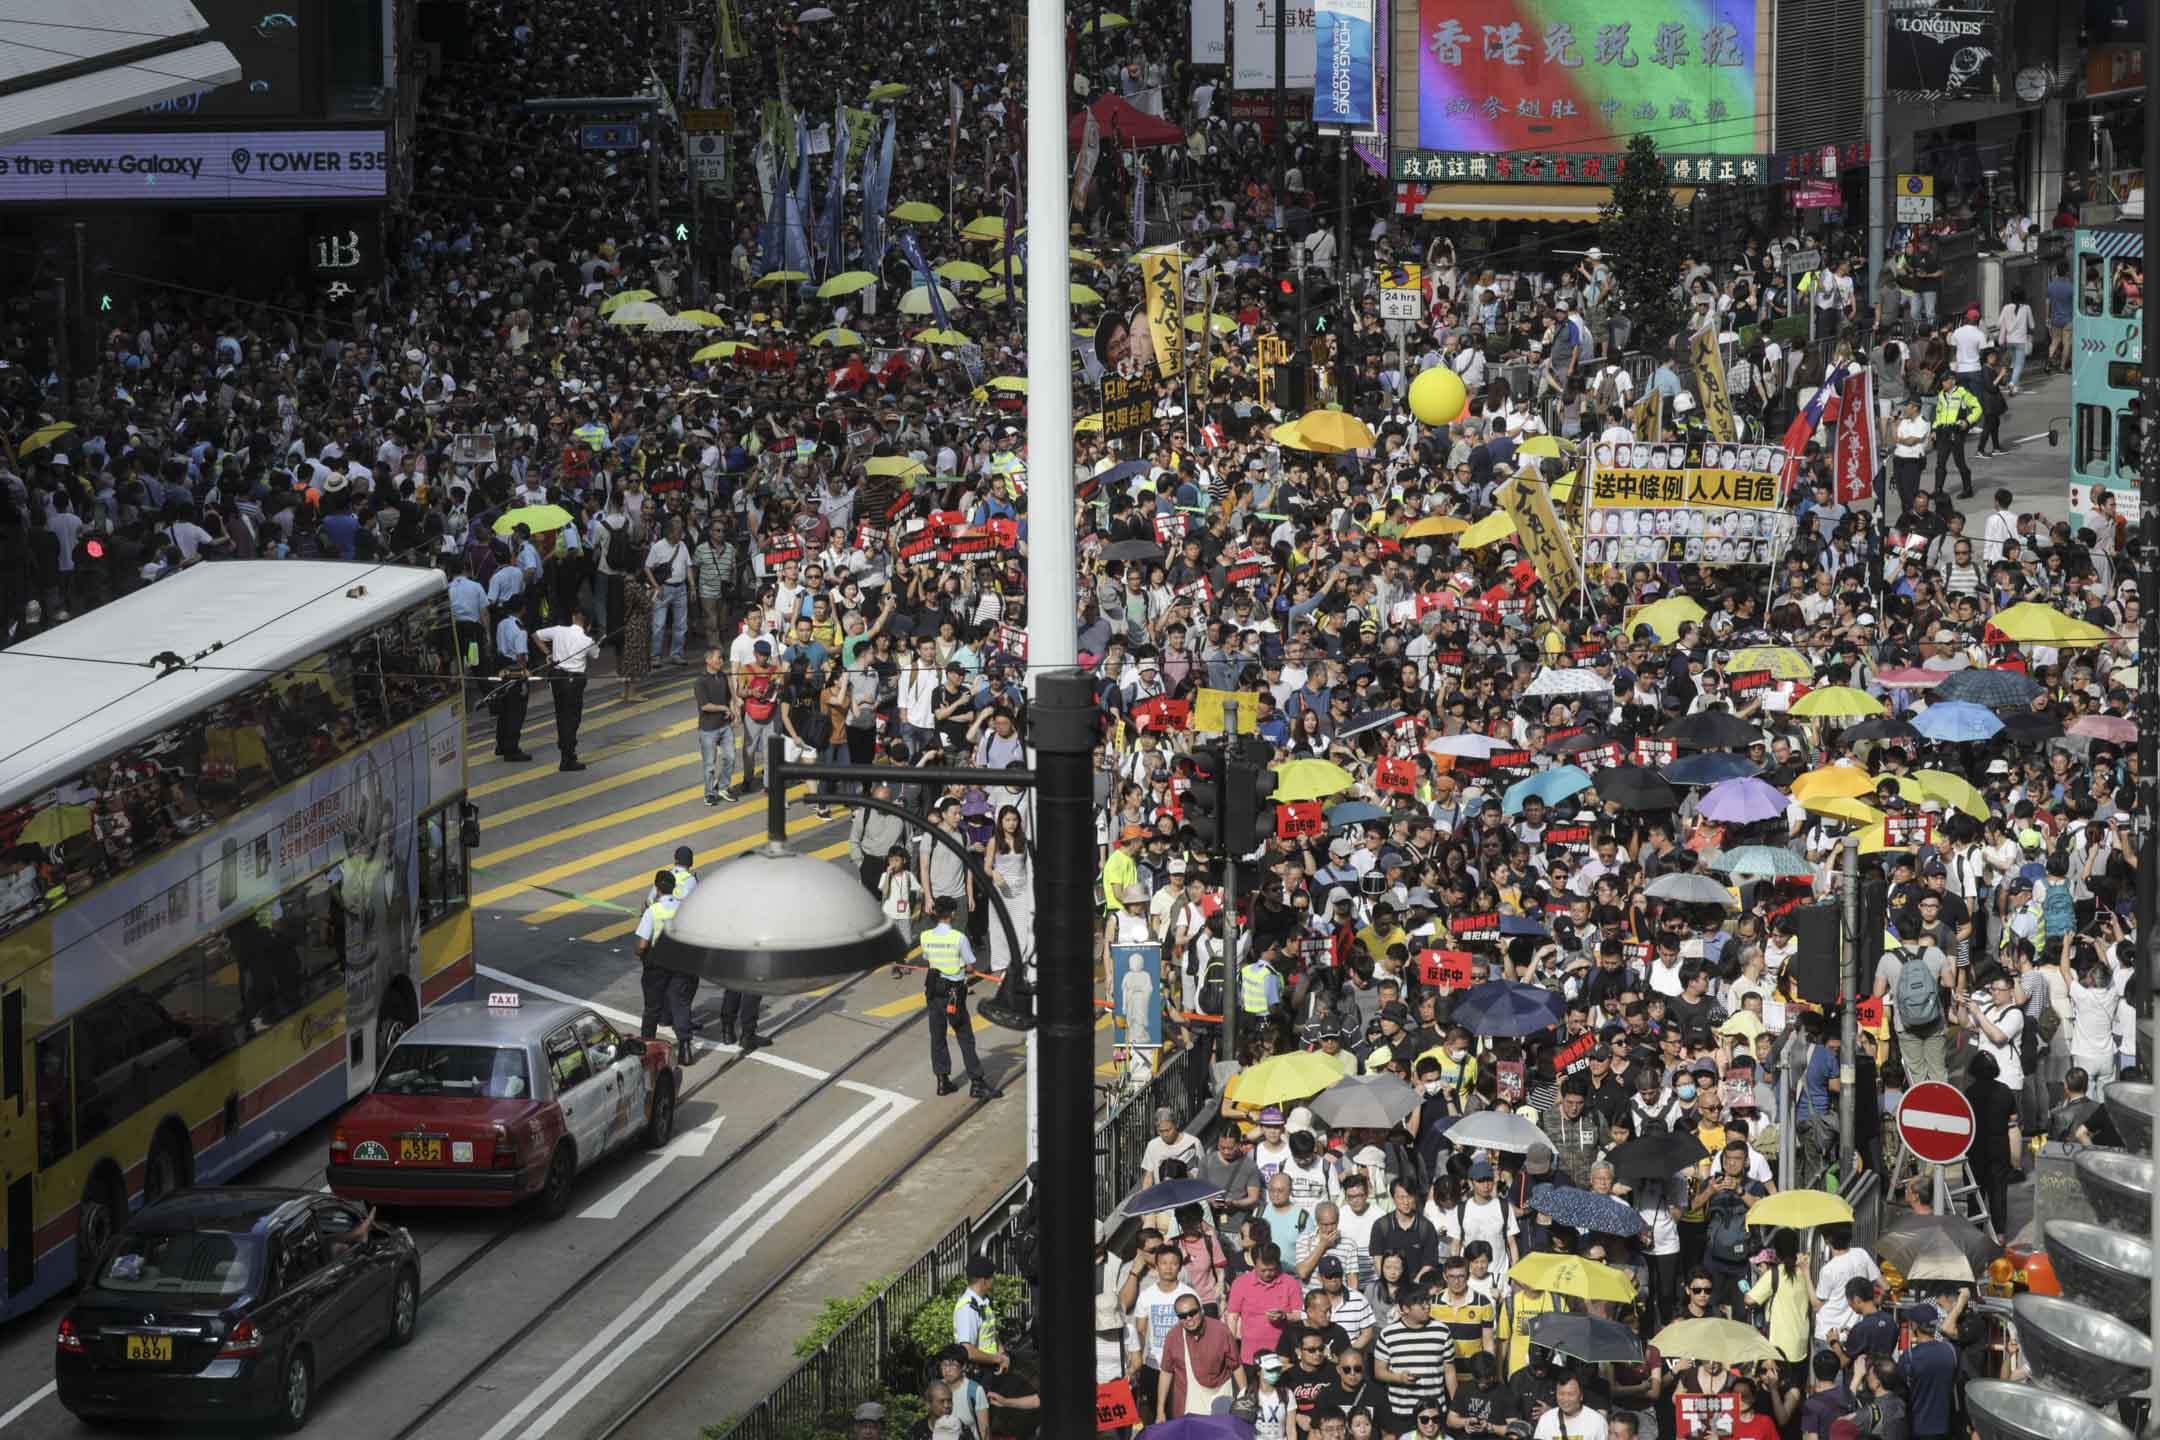 2019年4月28日,民間人權陣線舉行反《逃犯條例》修訂大遊行,隊伍由銅鑼灣東角道出發,將遊行至立法會外進行集會。 攝:Stanley Leung/端傳媒